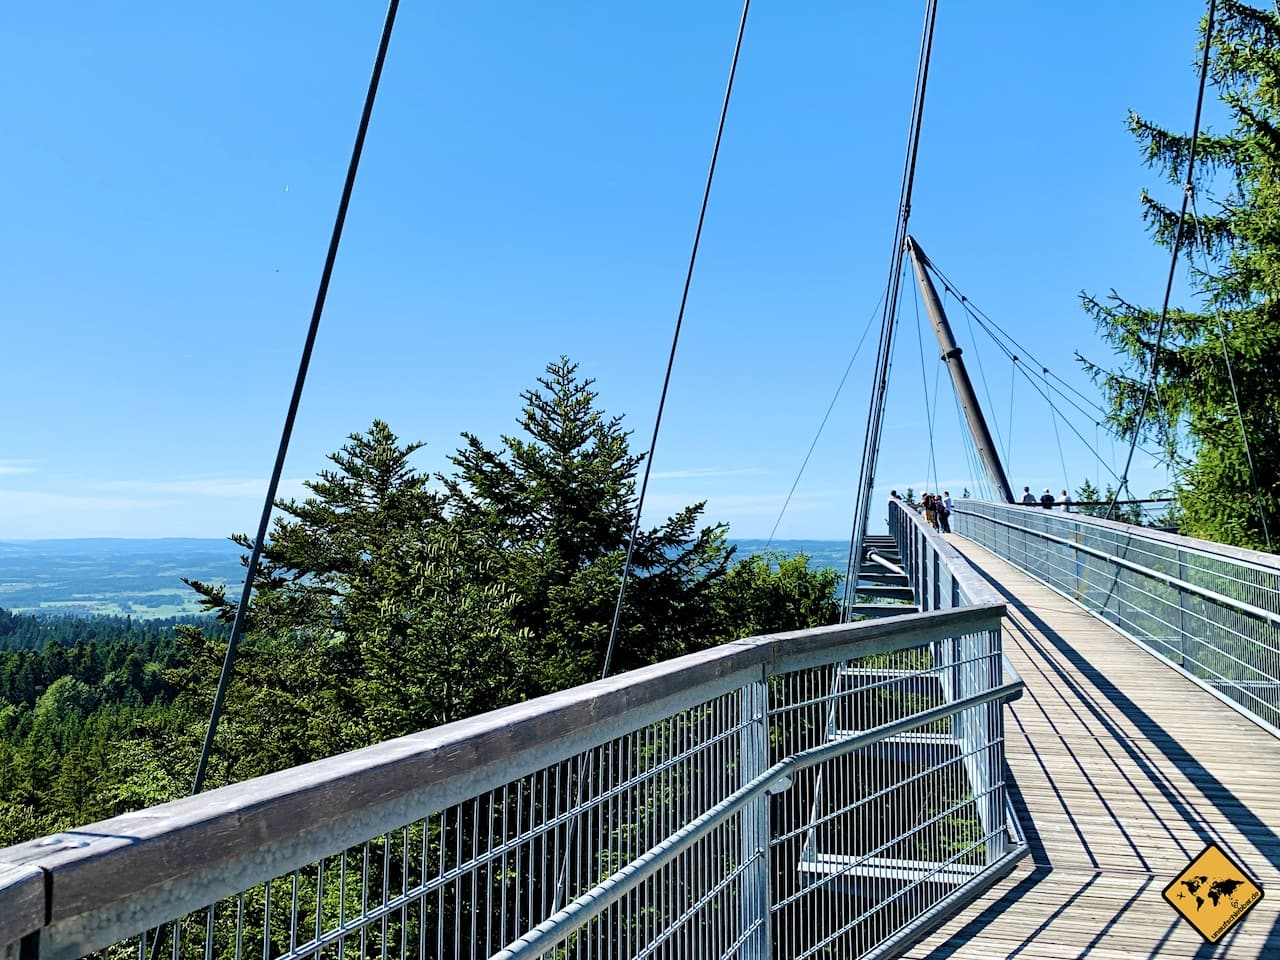 Allgäu Skywalk Hängebrücke